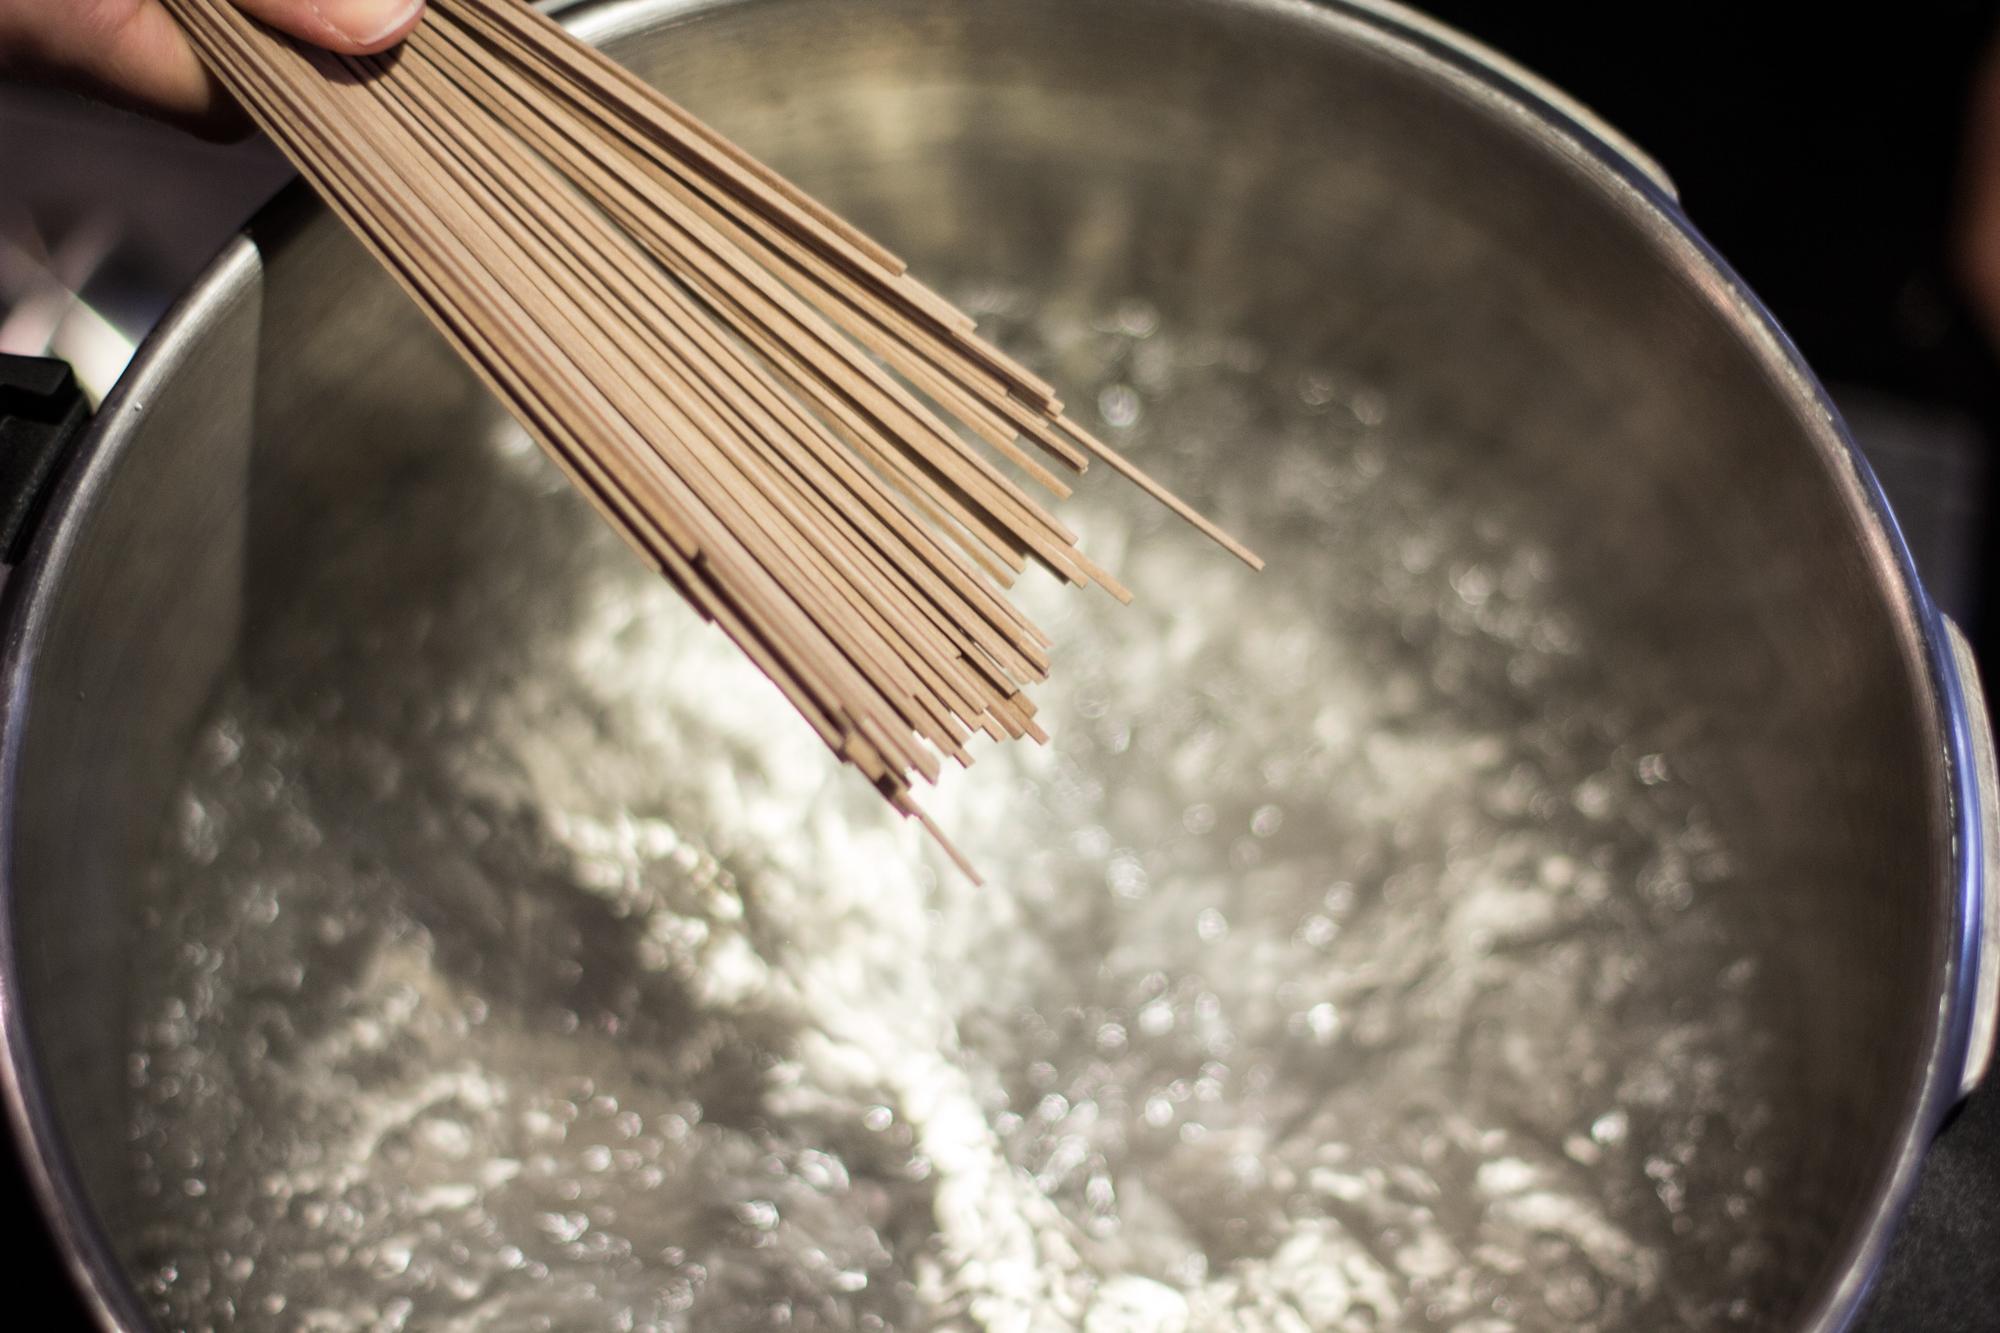 Boiling soba noodles.